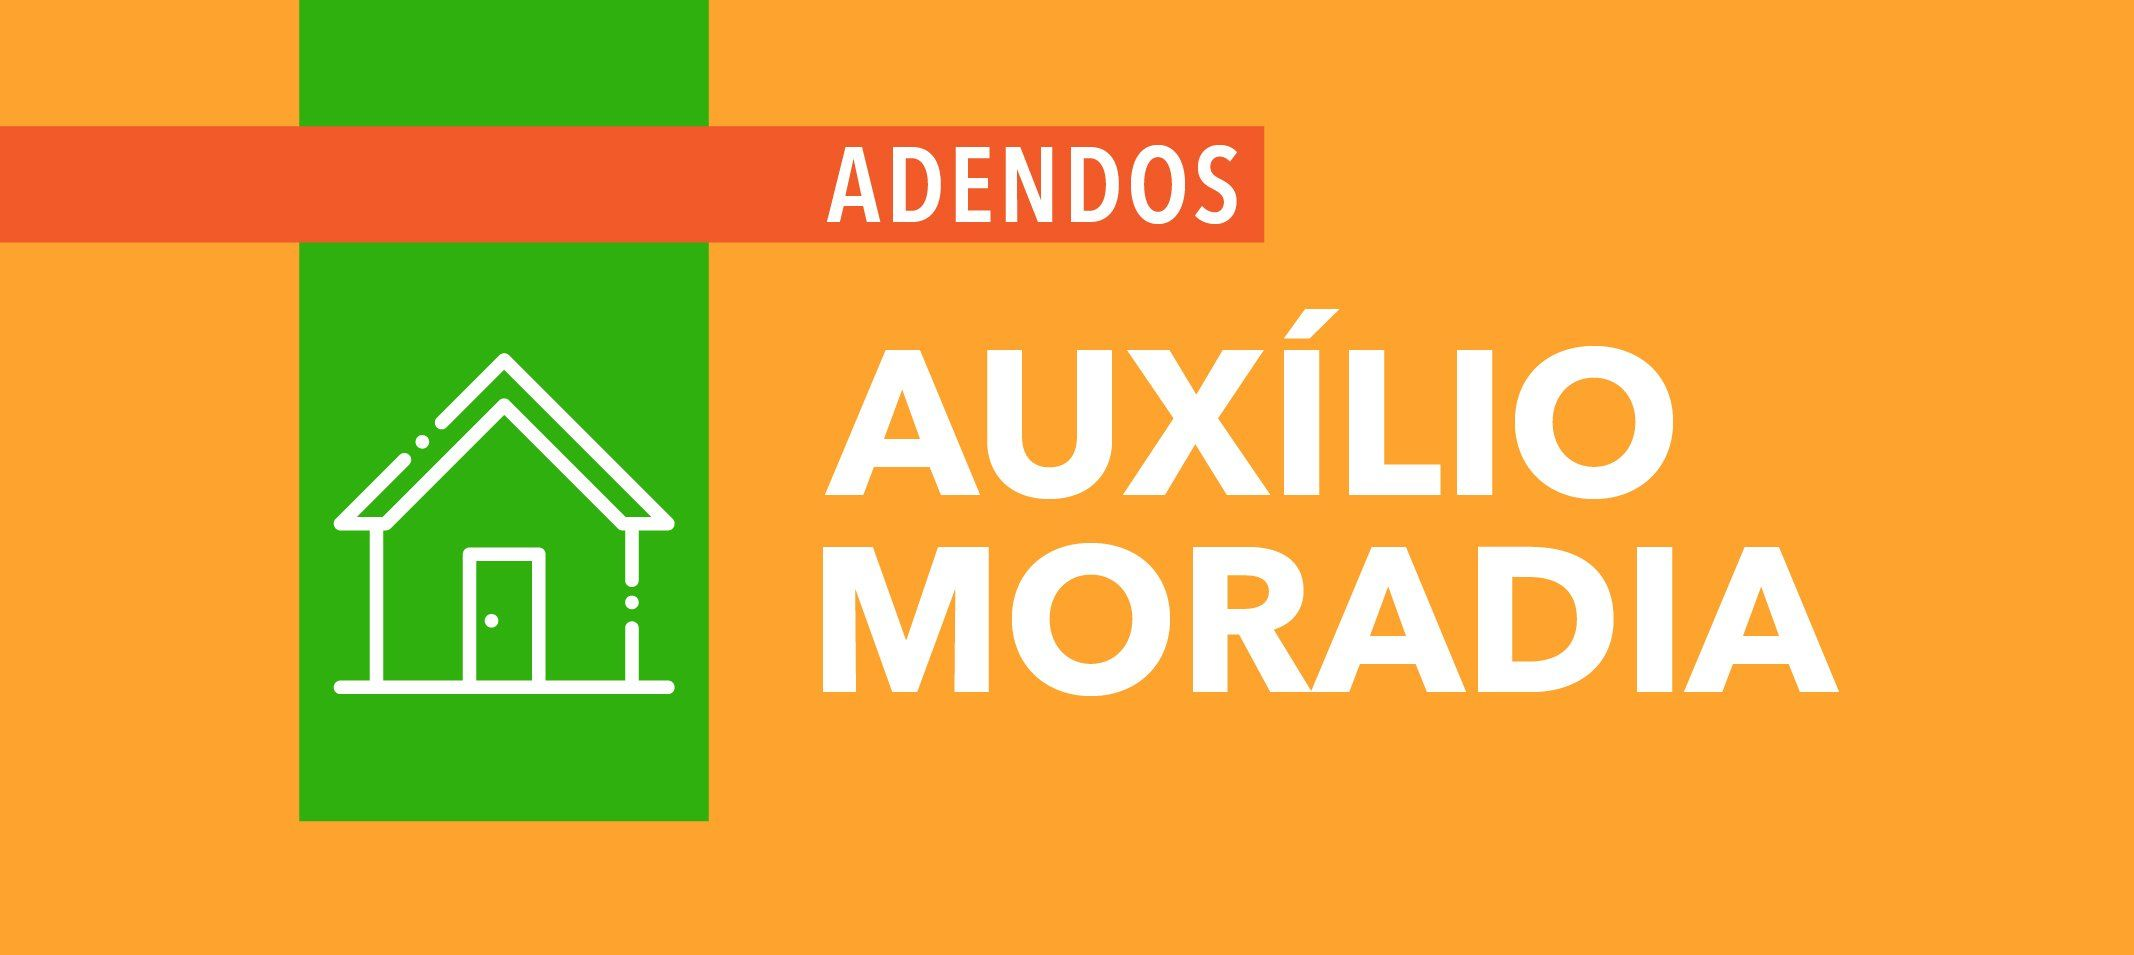 Progesp suplementa valor de benefíciários do Auxílio Moradia/Residência Universitária durante suspensão das atividades